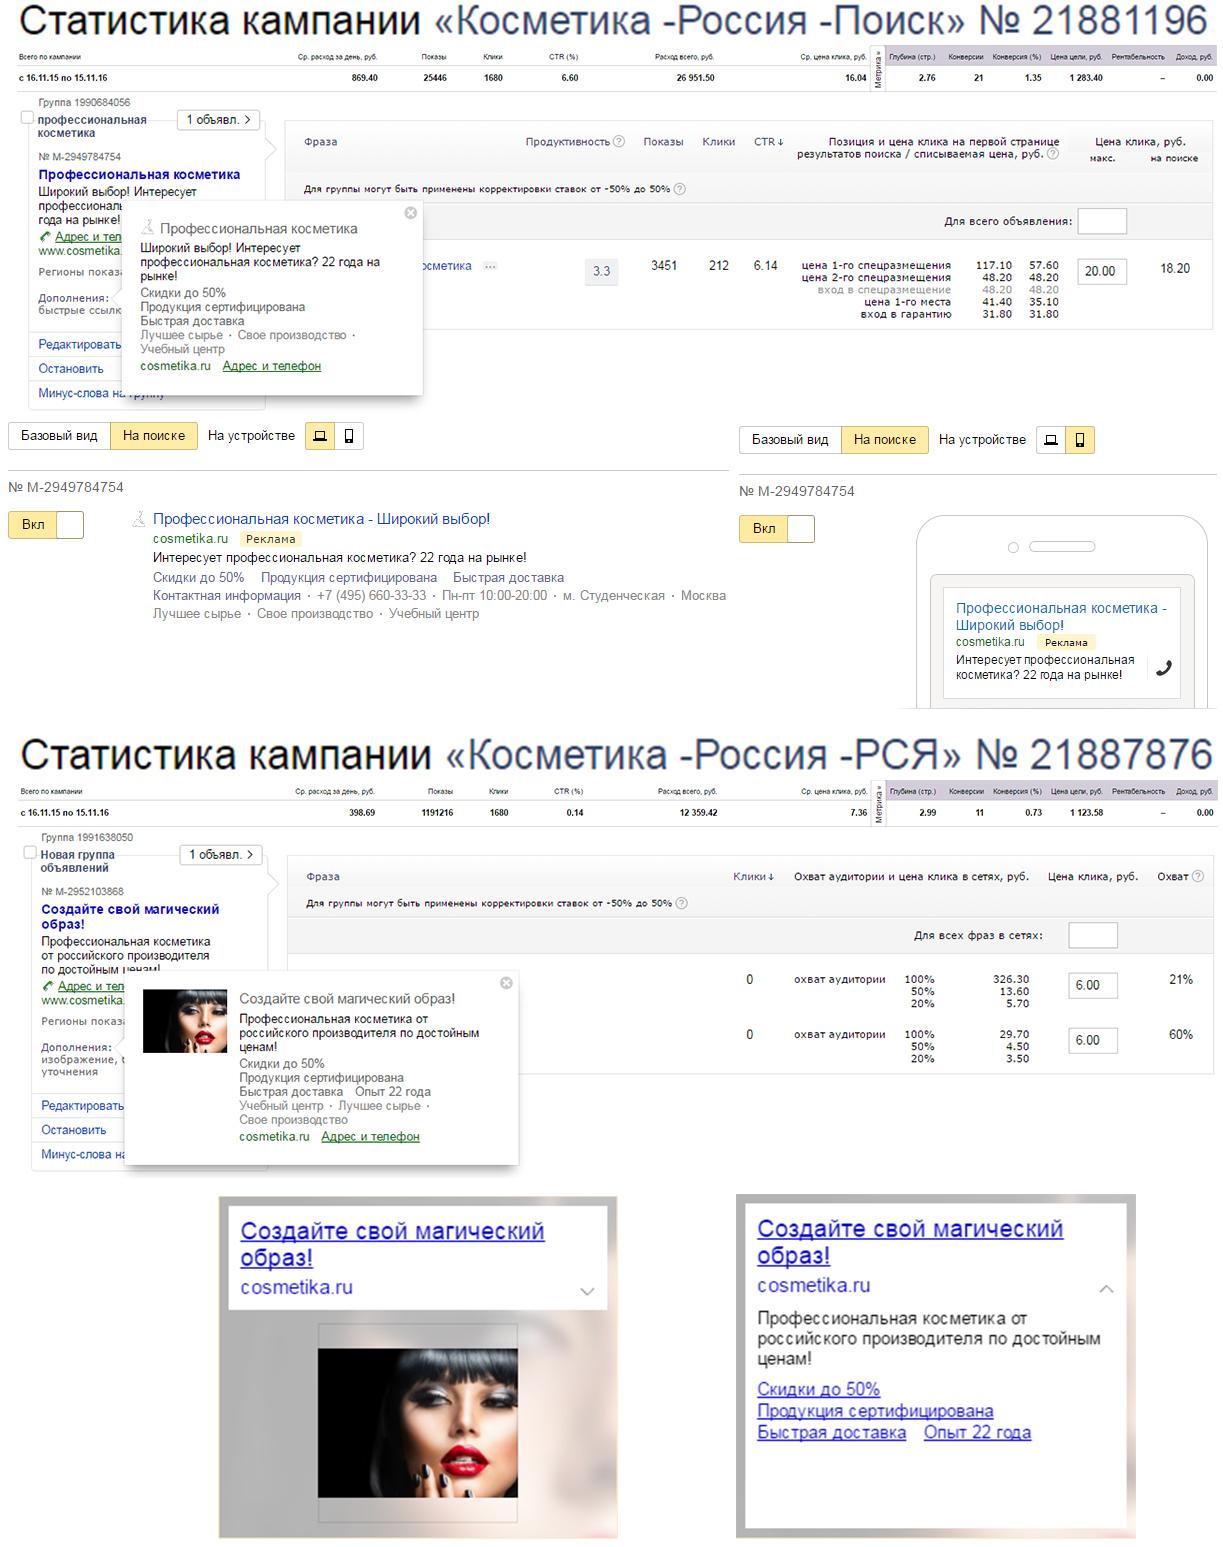 Интернет-магазин косметики  - Директ+РСЯ / CTR 6%